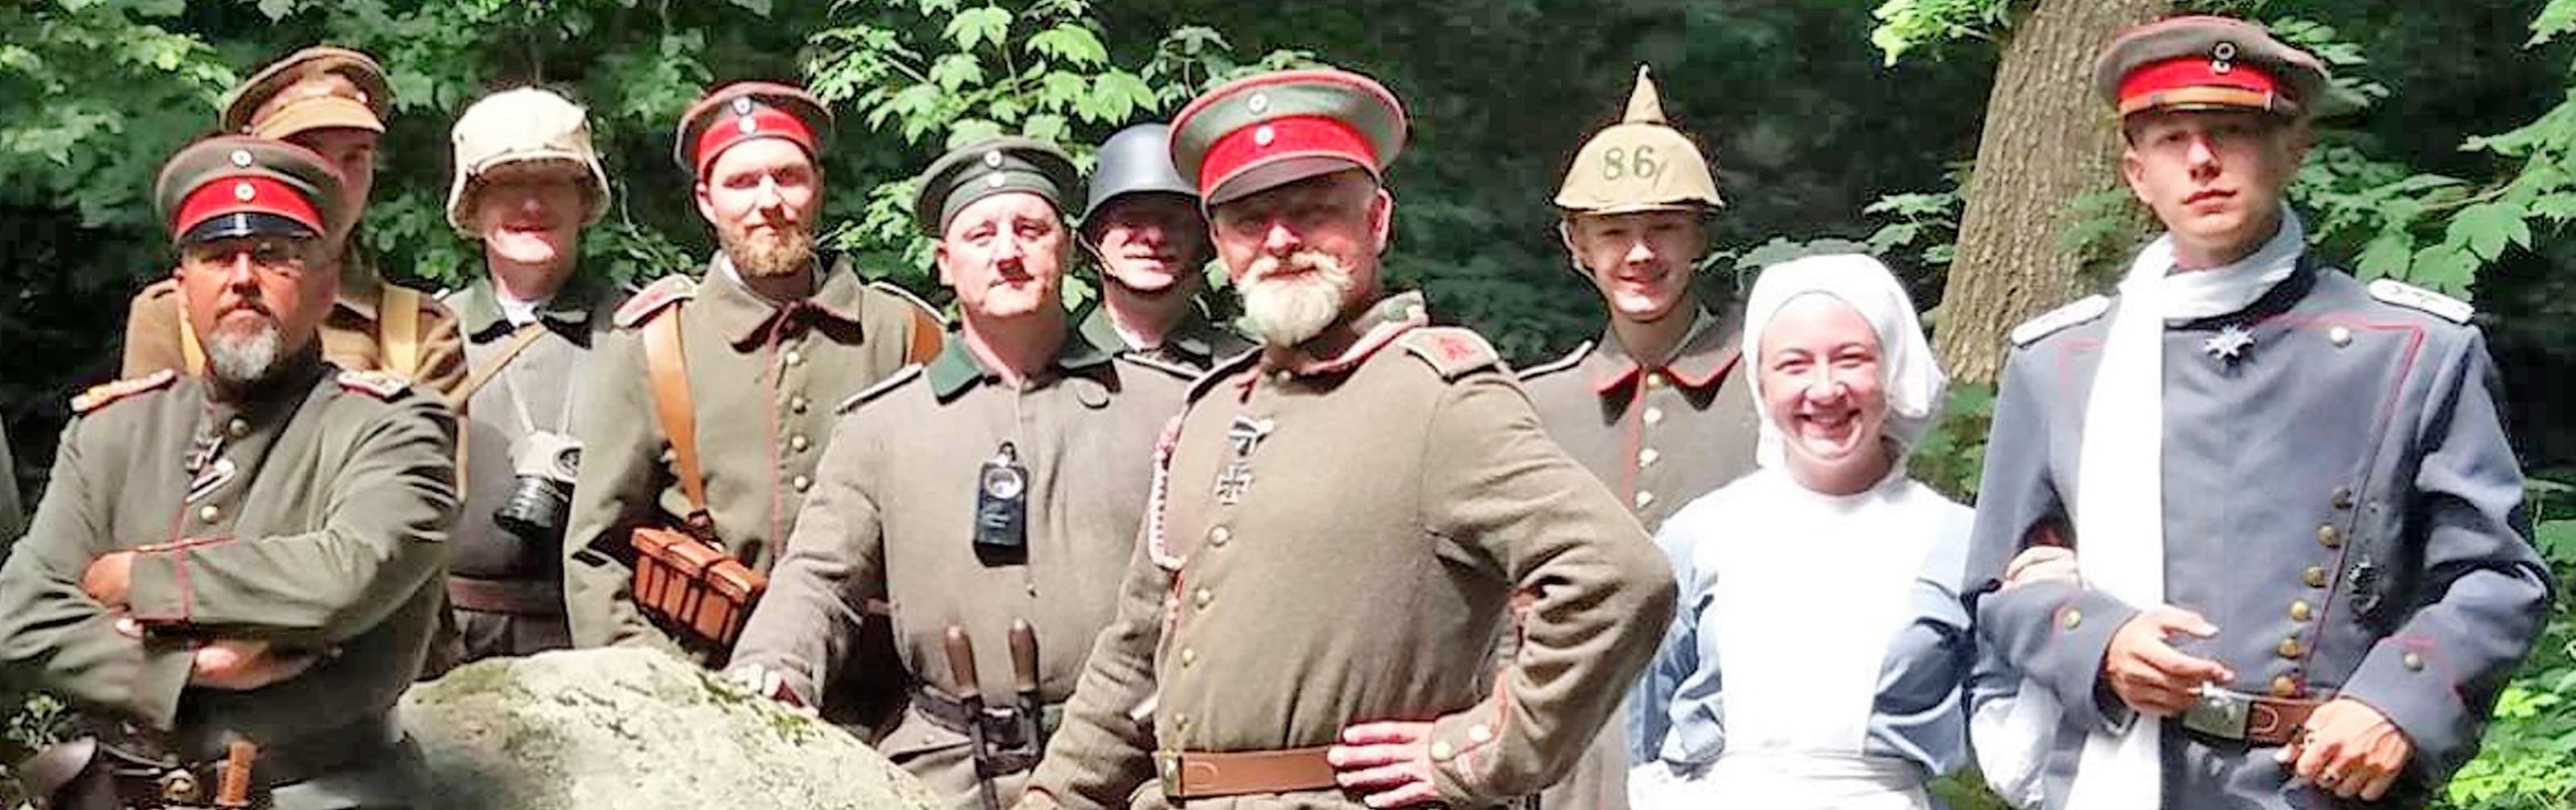 Historiefestival: Første Verdenskrigs afslutning